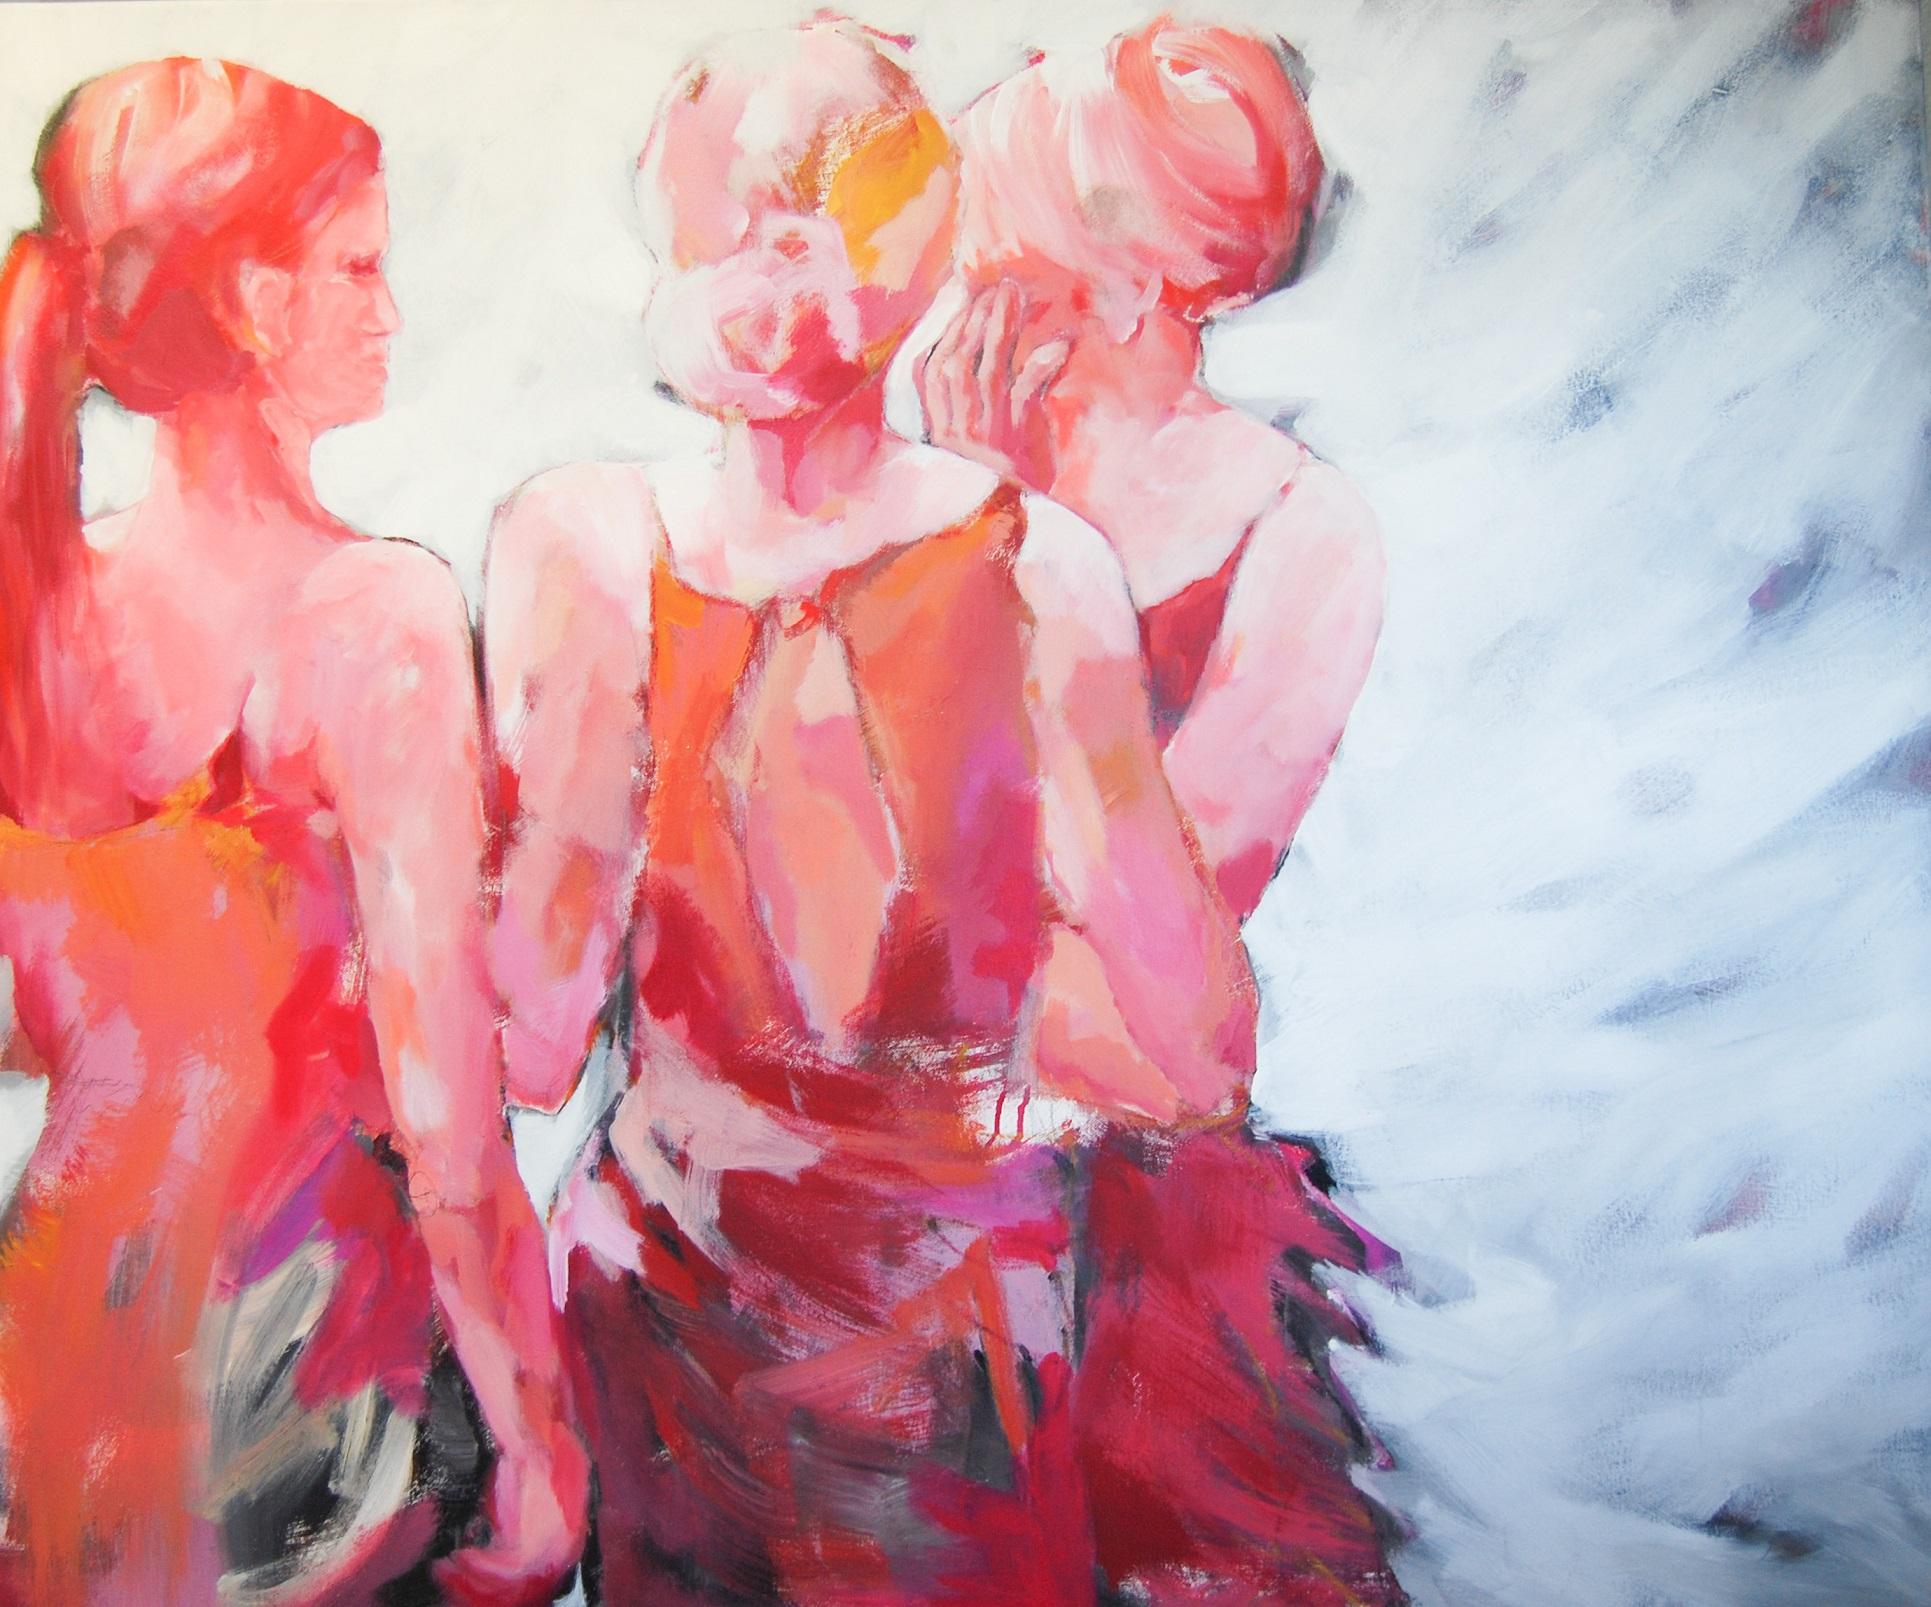 Dancing Queens II, 2013, Acryl auf Leinwand, 100 x 120 cm